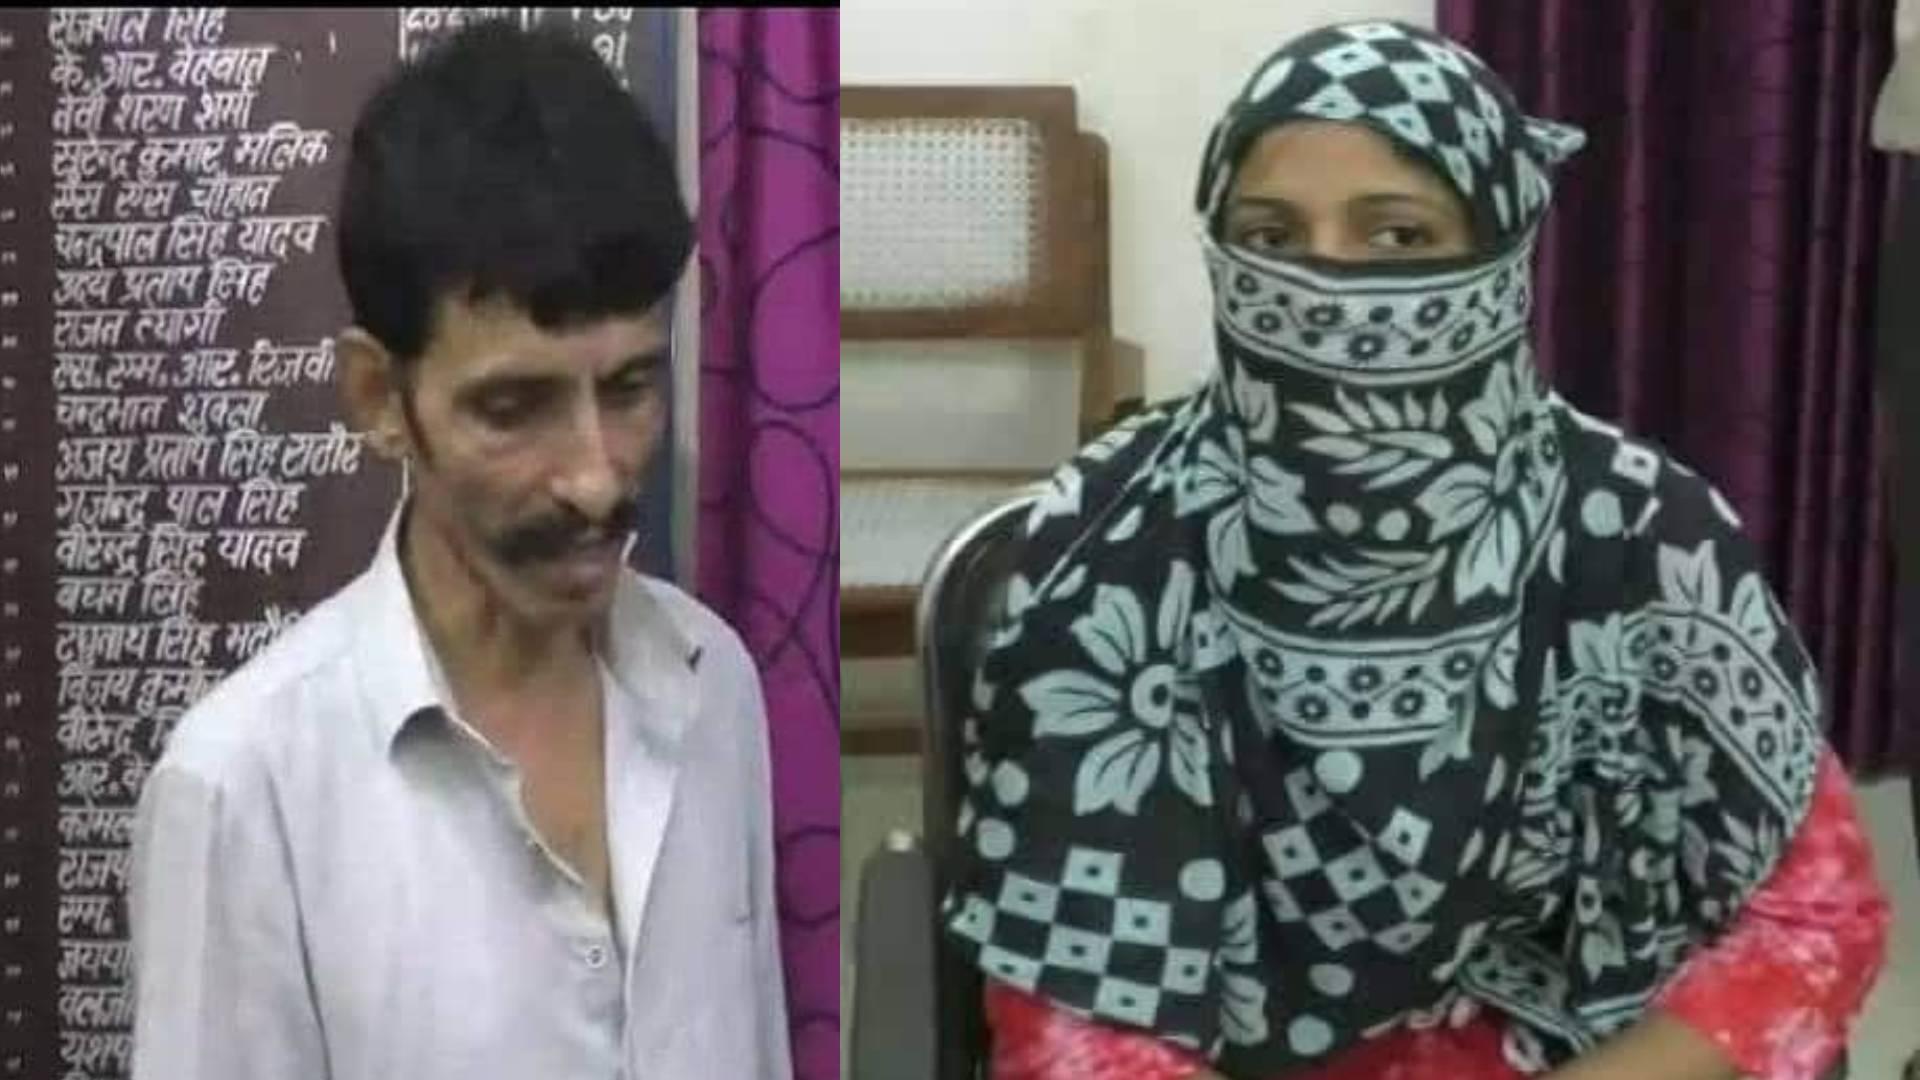 52 साल के रिक्शेवाले ने FB प्रोफाइल बनाकर 3000 लड़कियों को प्रेम जाल में फंसाया, मांगता था ऐसी अश्लील तस्वीरें